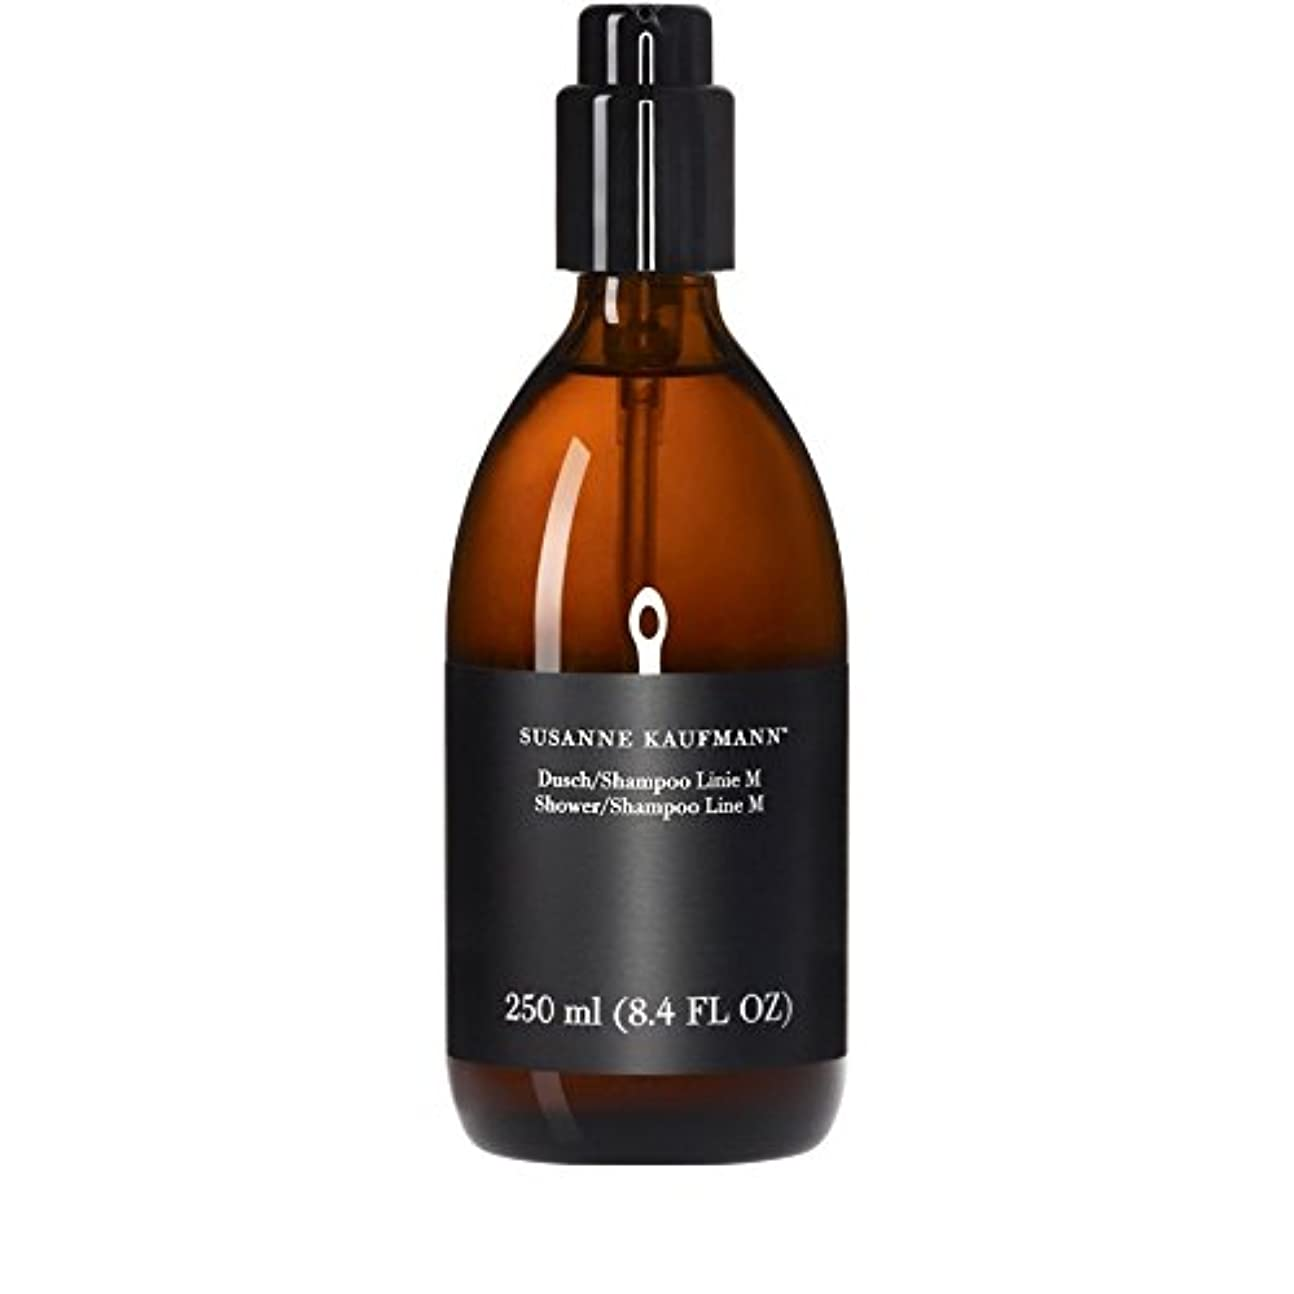 魔女最悪走るSusanne Kaufmann Shower/Shampoo for Men 250ml - 男性のためのスザンヌカウフマンシャワー/シャンプー250ミリリットル [並行輸入品]